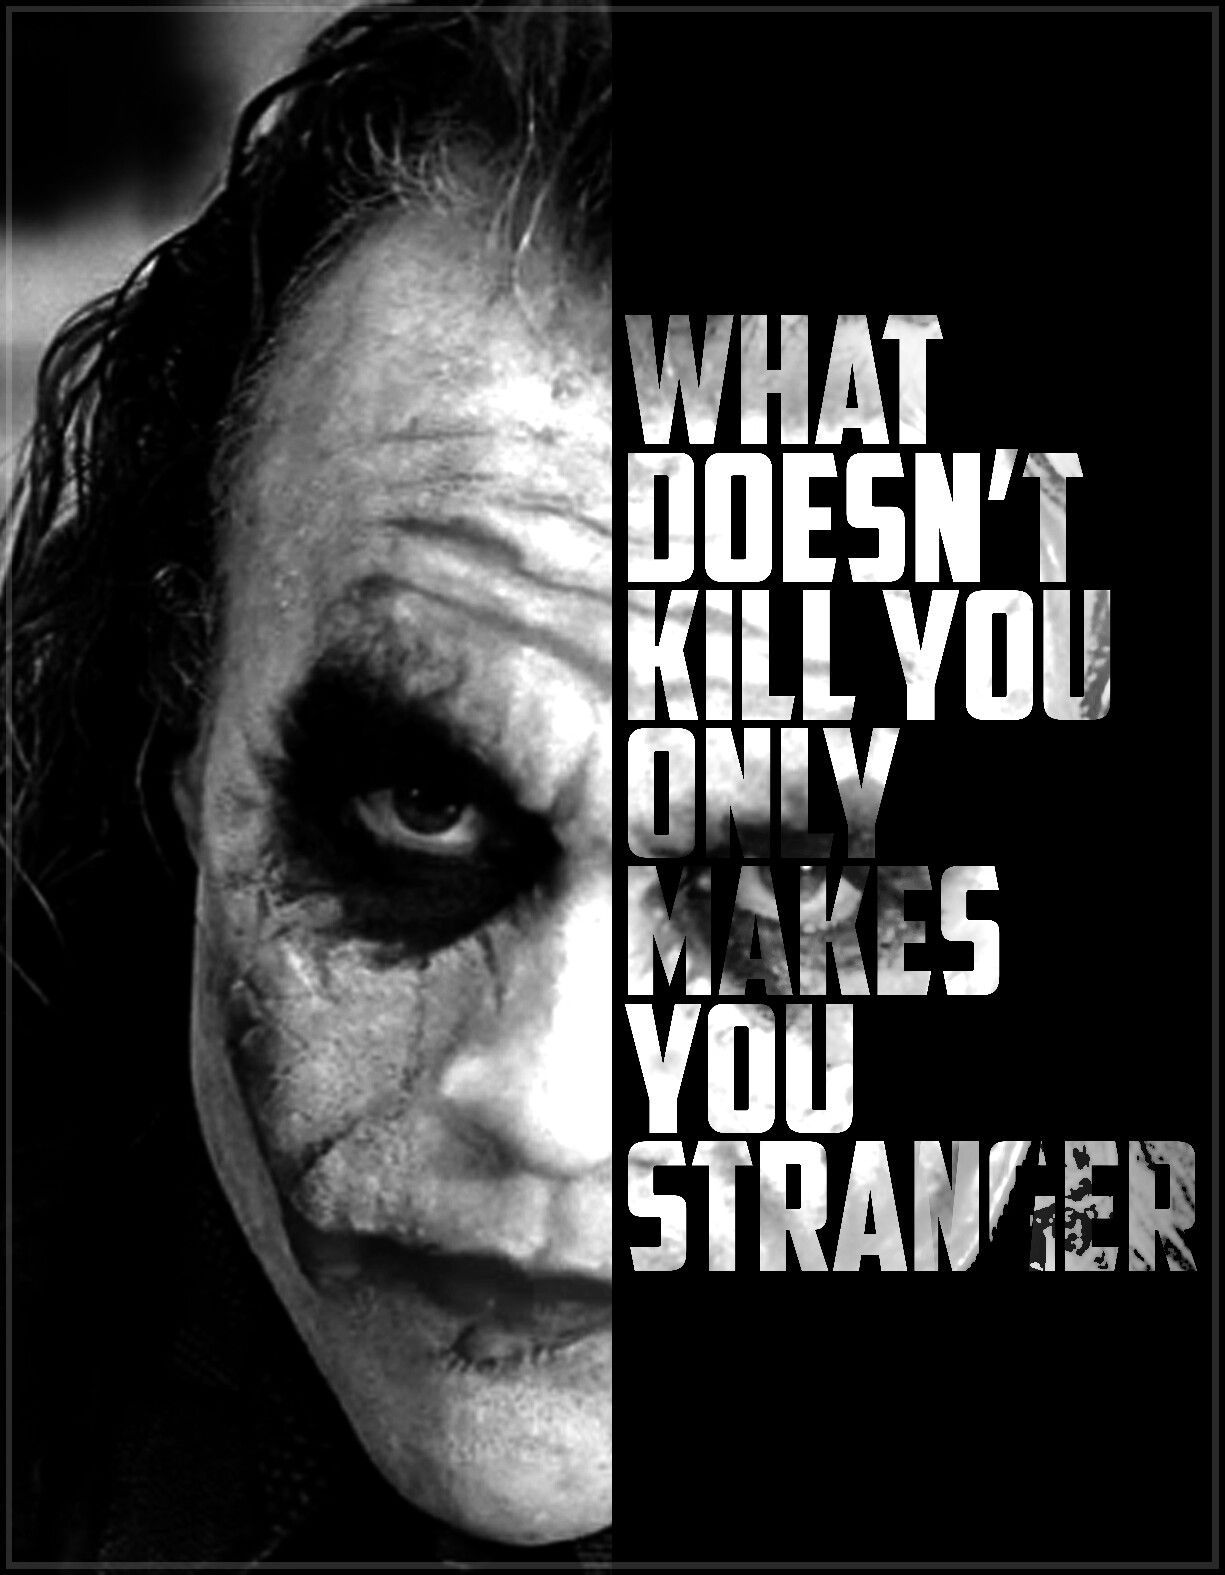 scary-joker